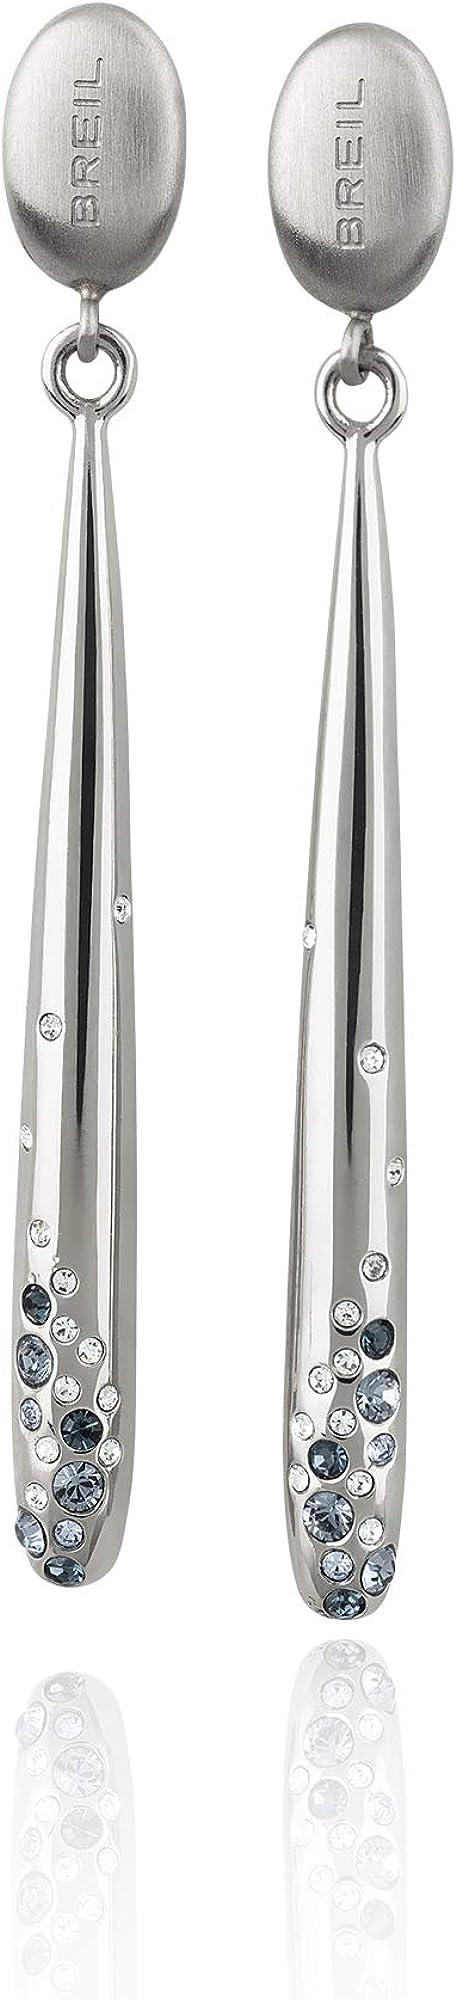 Breil orecchini da donna in acxciaio e pietre multiple in crystal jewellery TJ2648